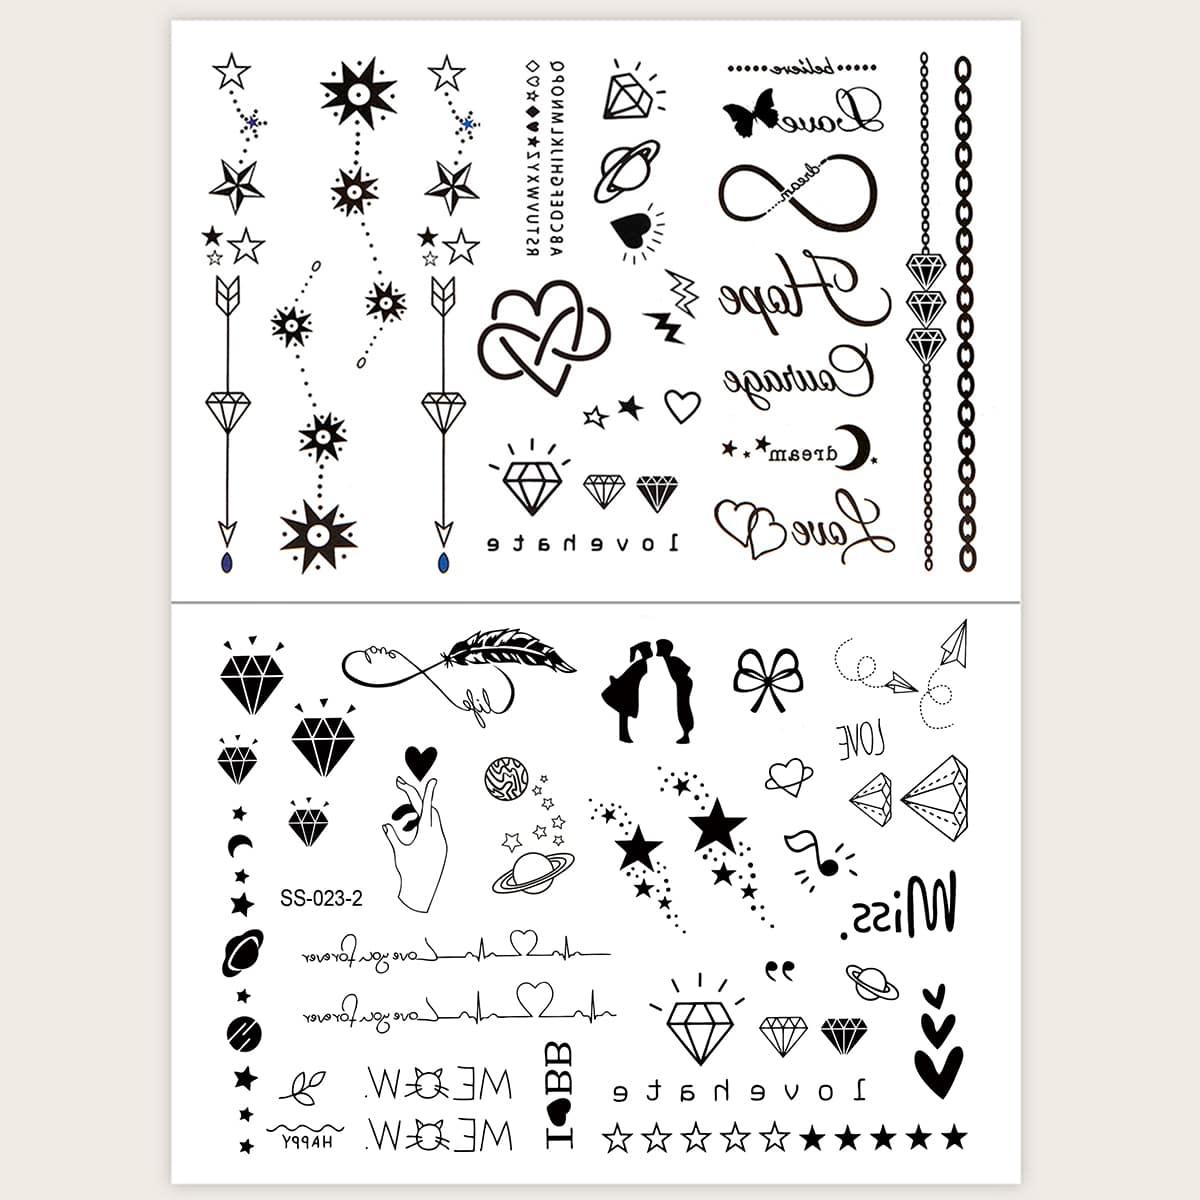 Heart & Star Pattern Tattoo Sticker 2pcs